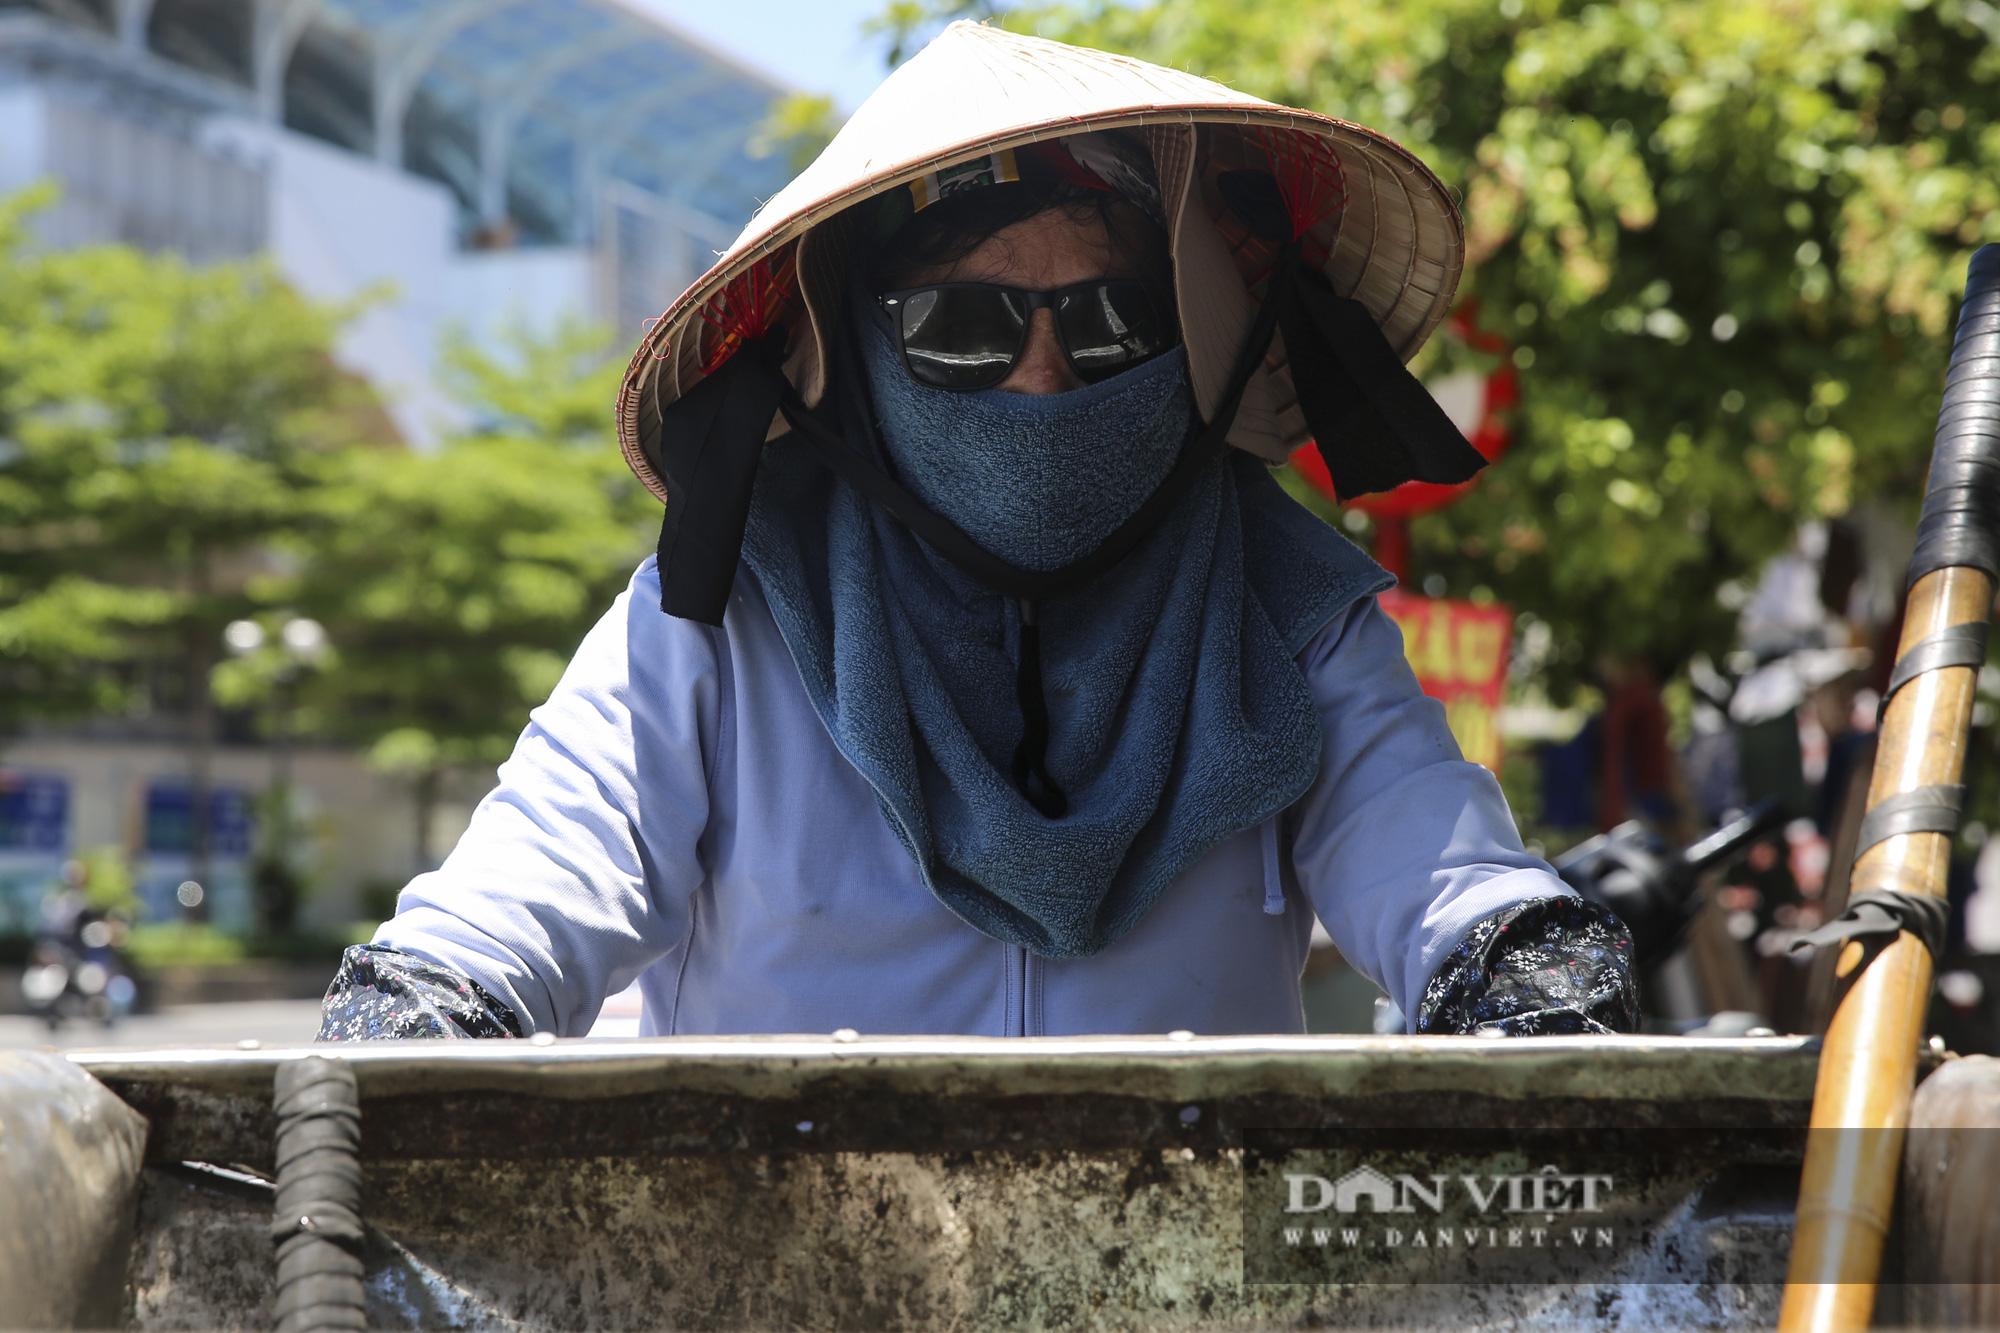 Hà Nội: Nhiệt độ mặt đường nóng hơn 60 độ C khiến ảo ảnh xuất hiện - Ảnh 9.